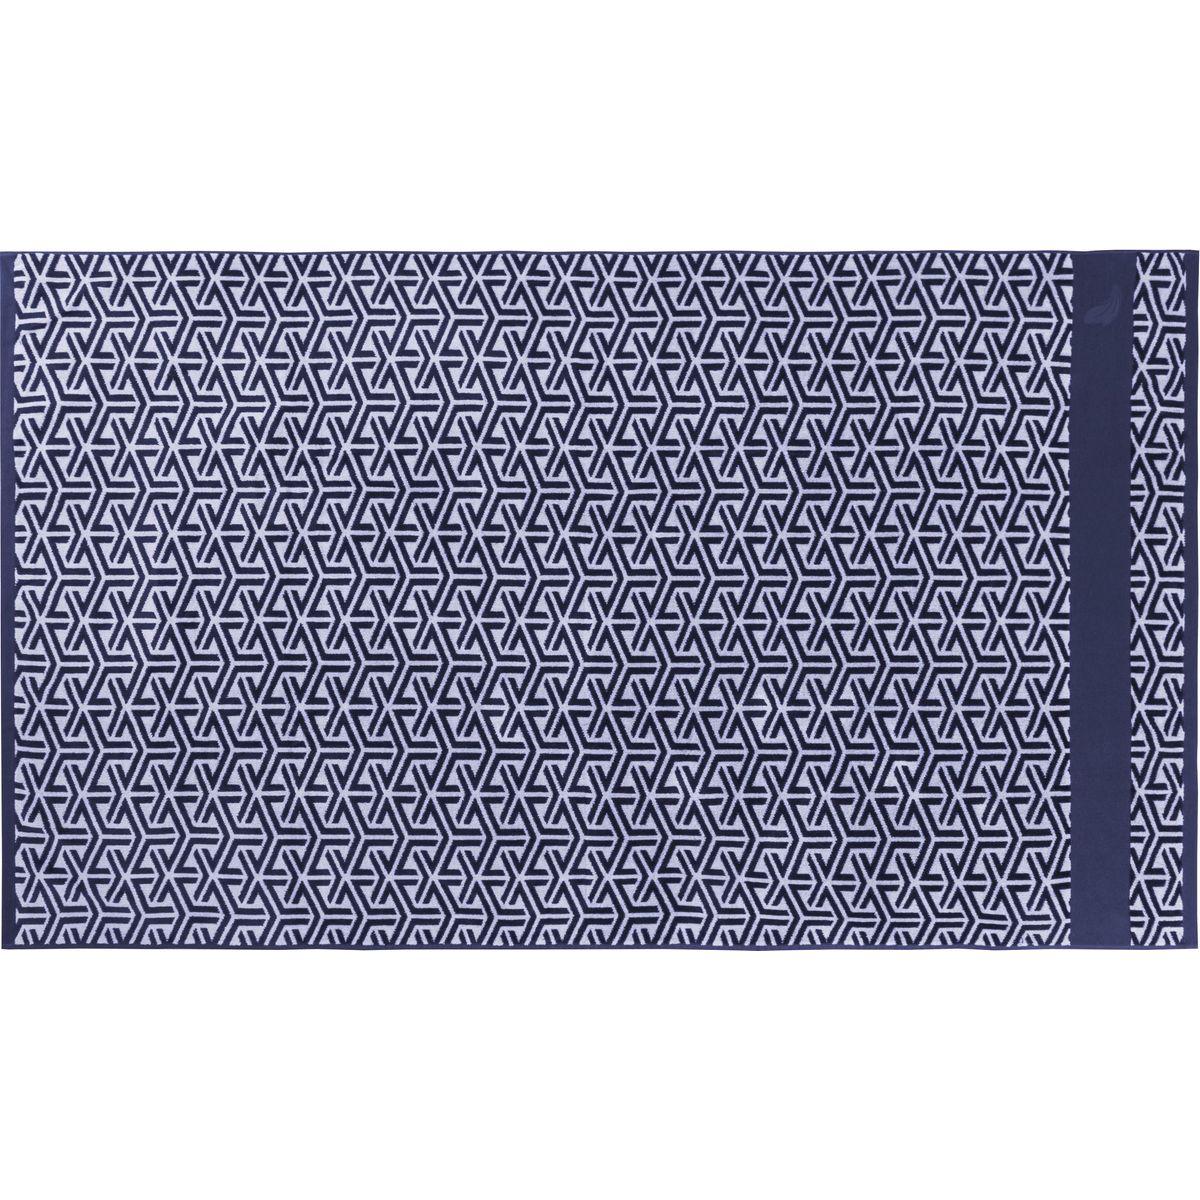 Drap de plage coton 100x180 cm bleu foncé imprimé